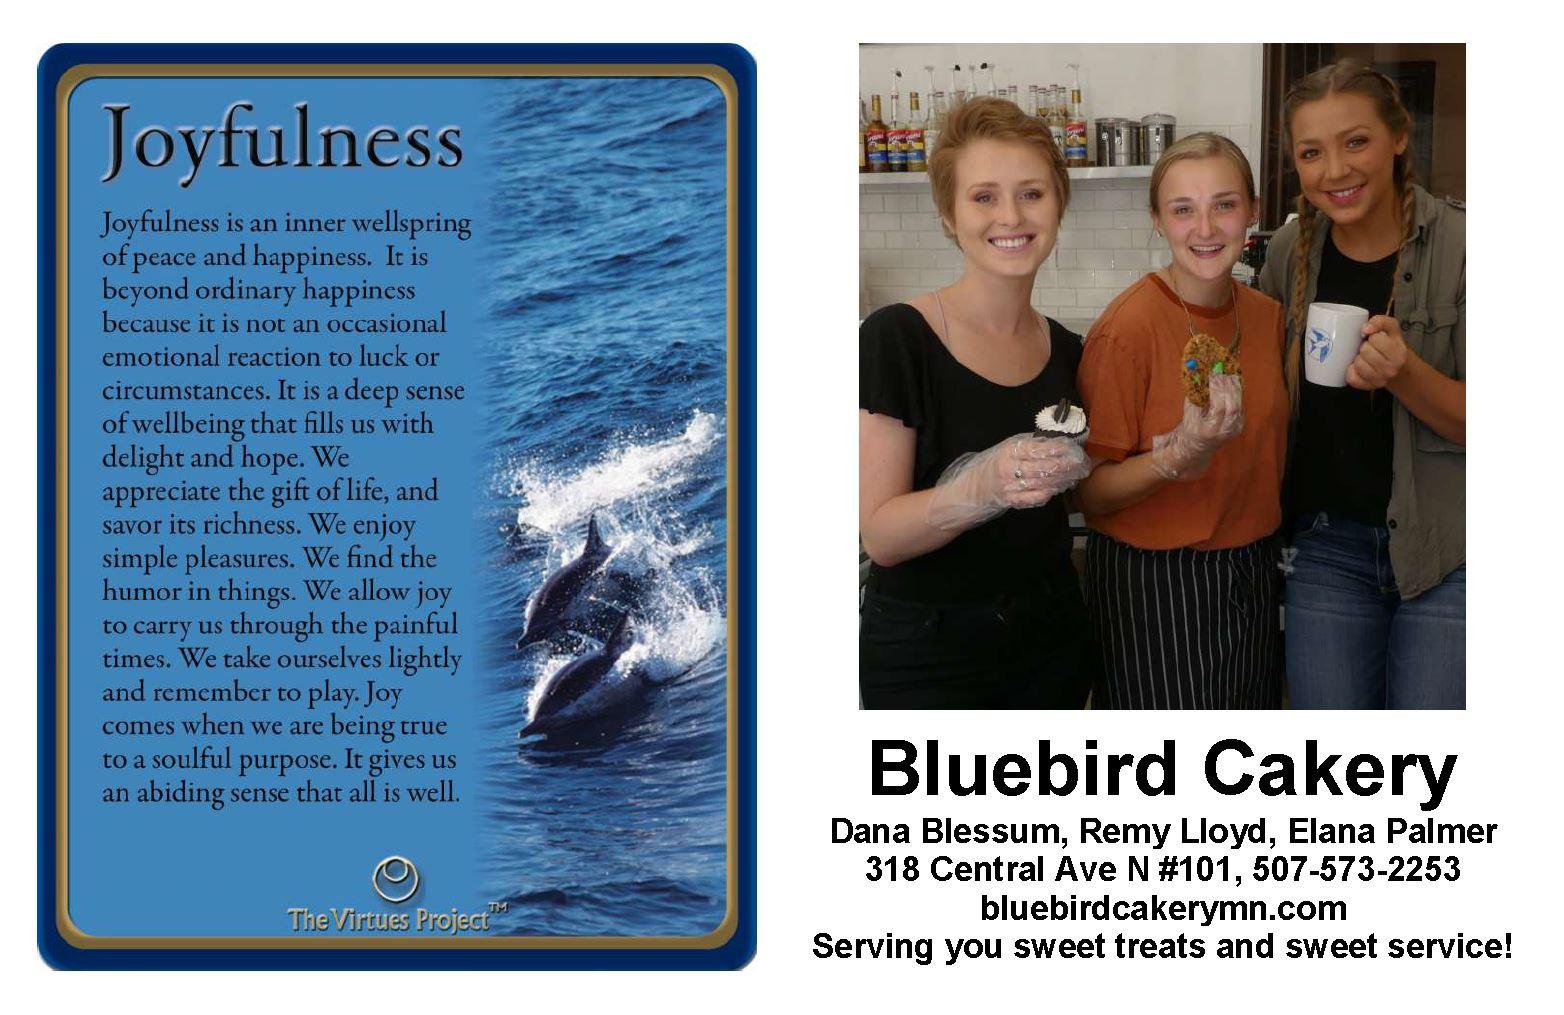 Bluebird Cakery Joyfulness.JPG